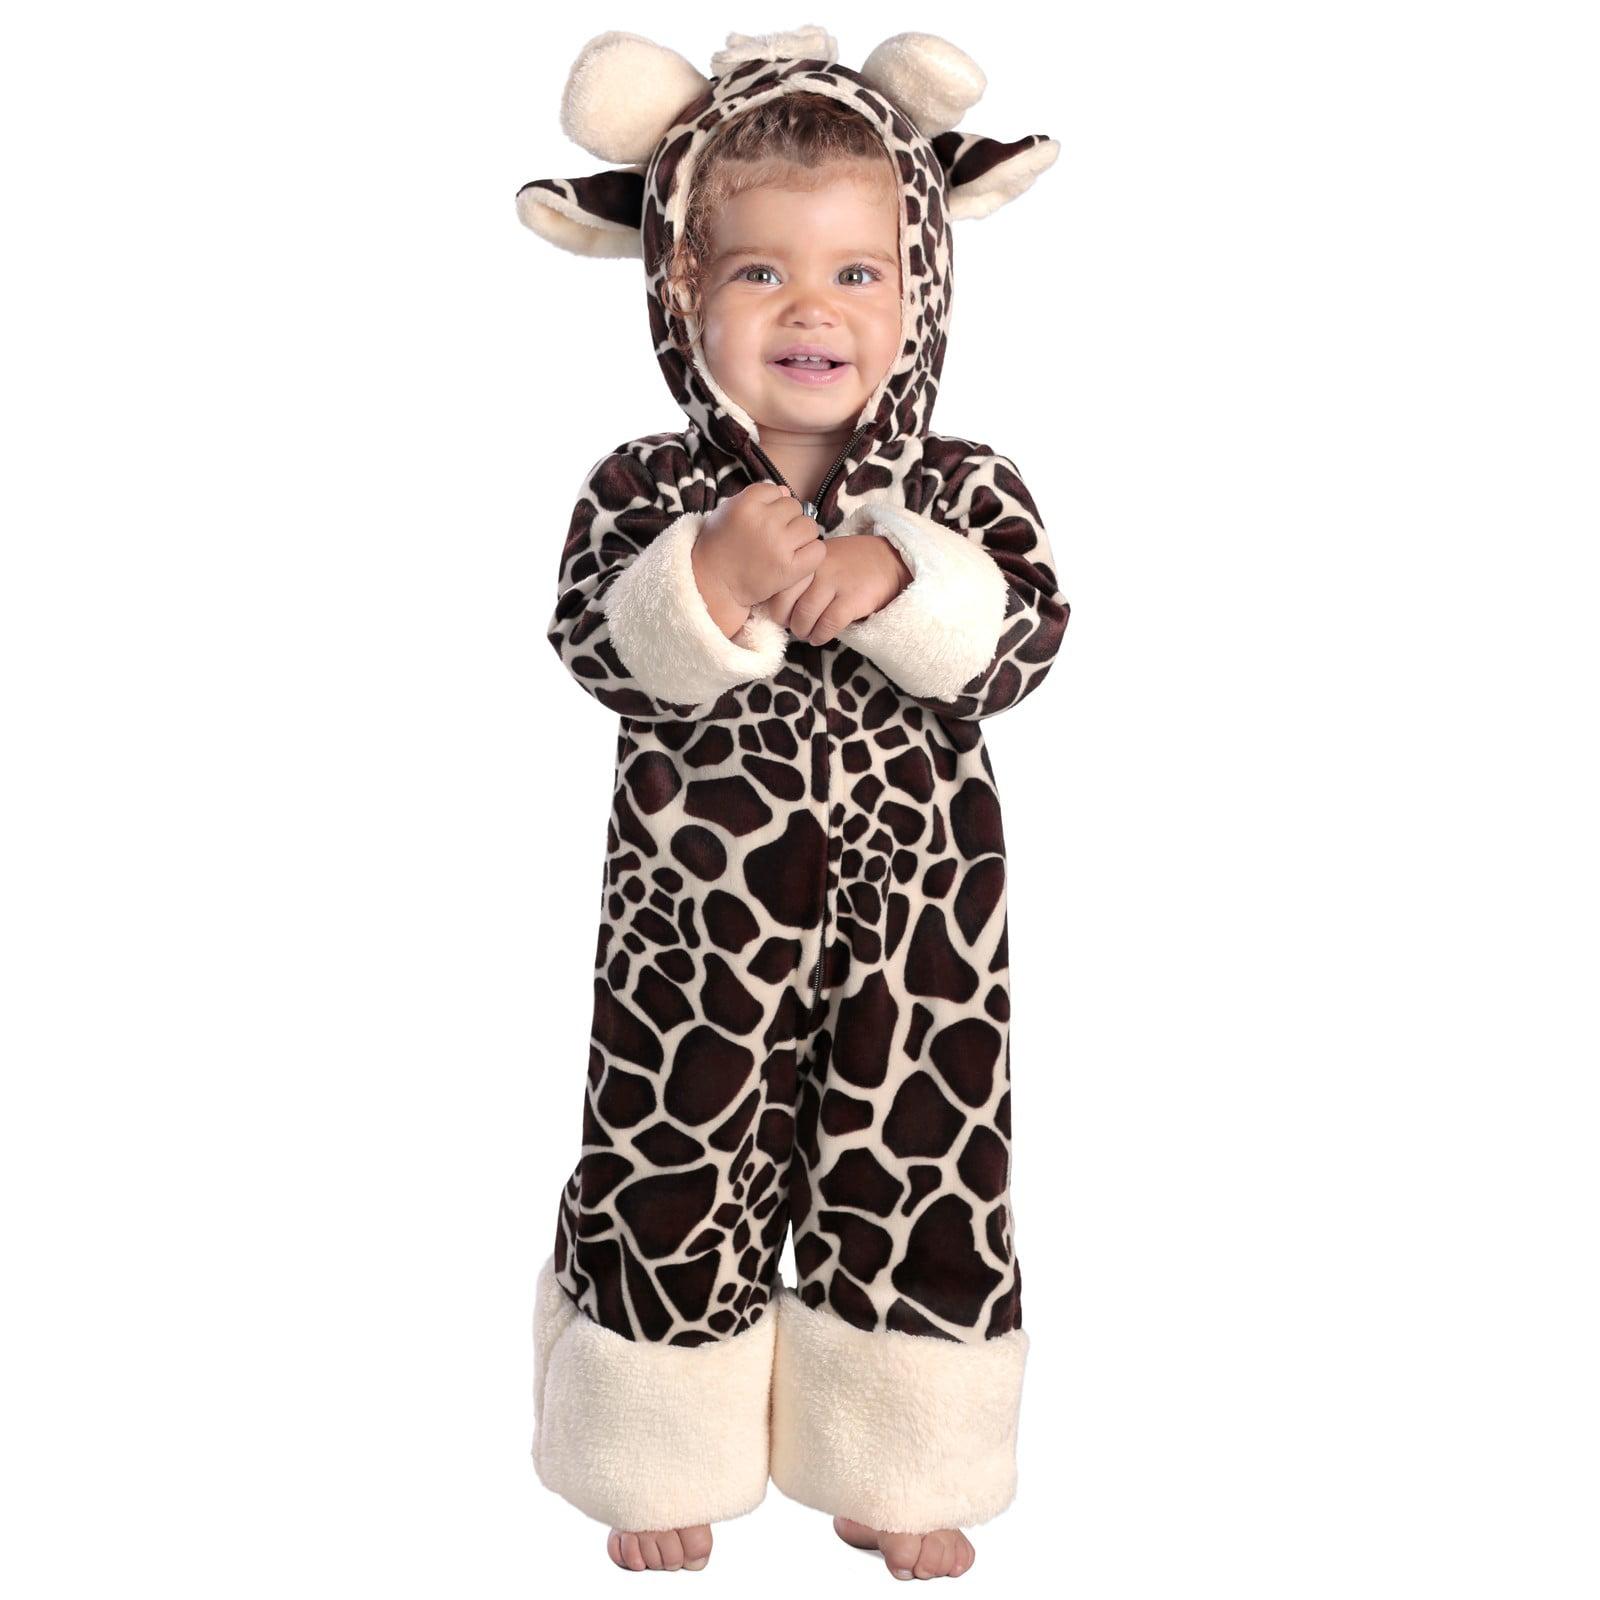 Baby Giraffe Halloween Costume